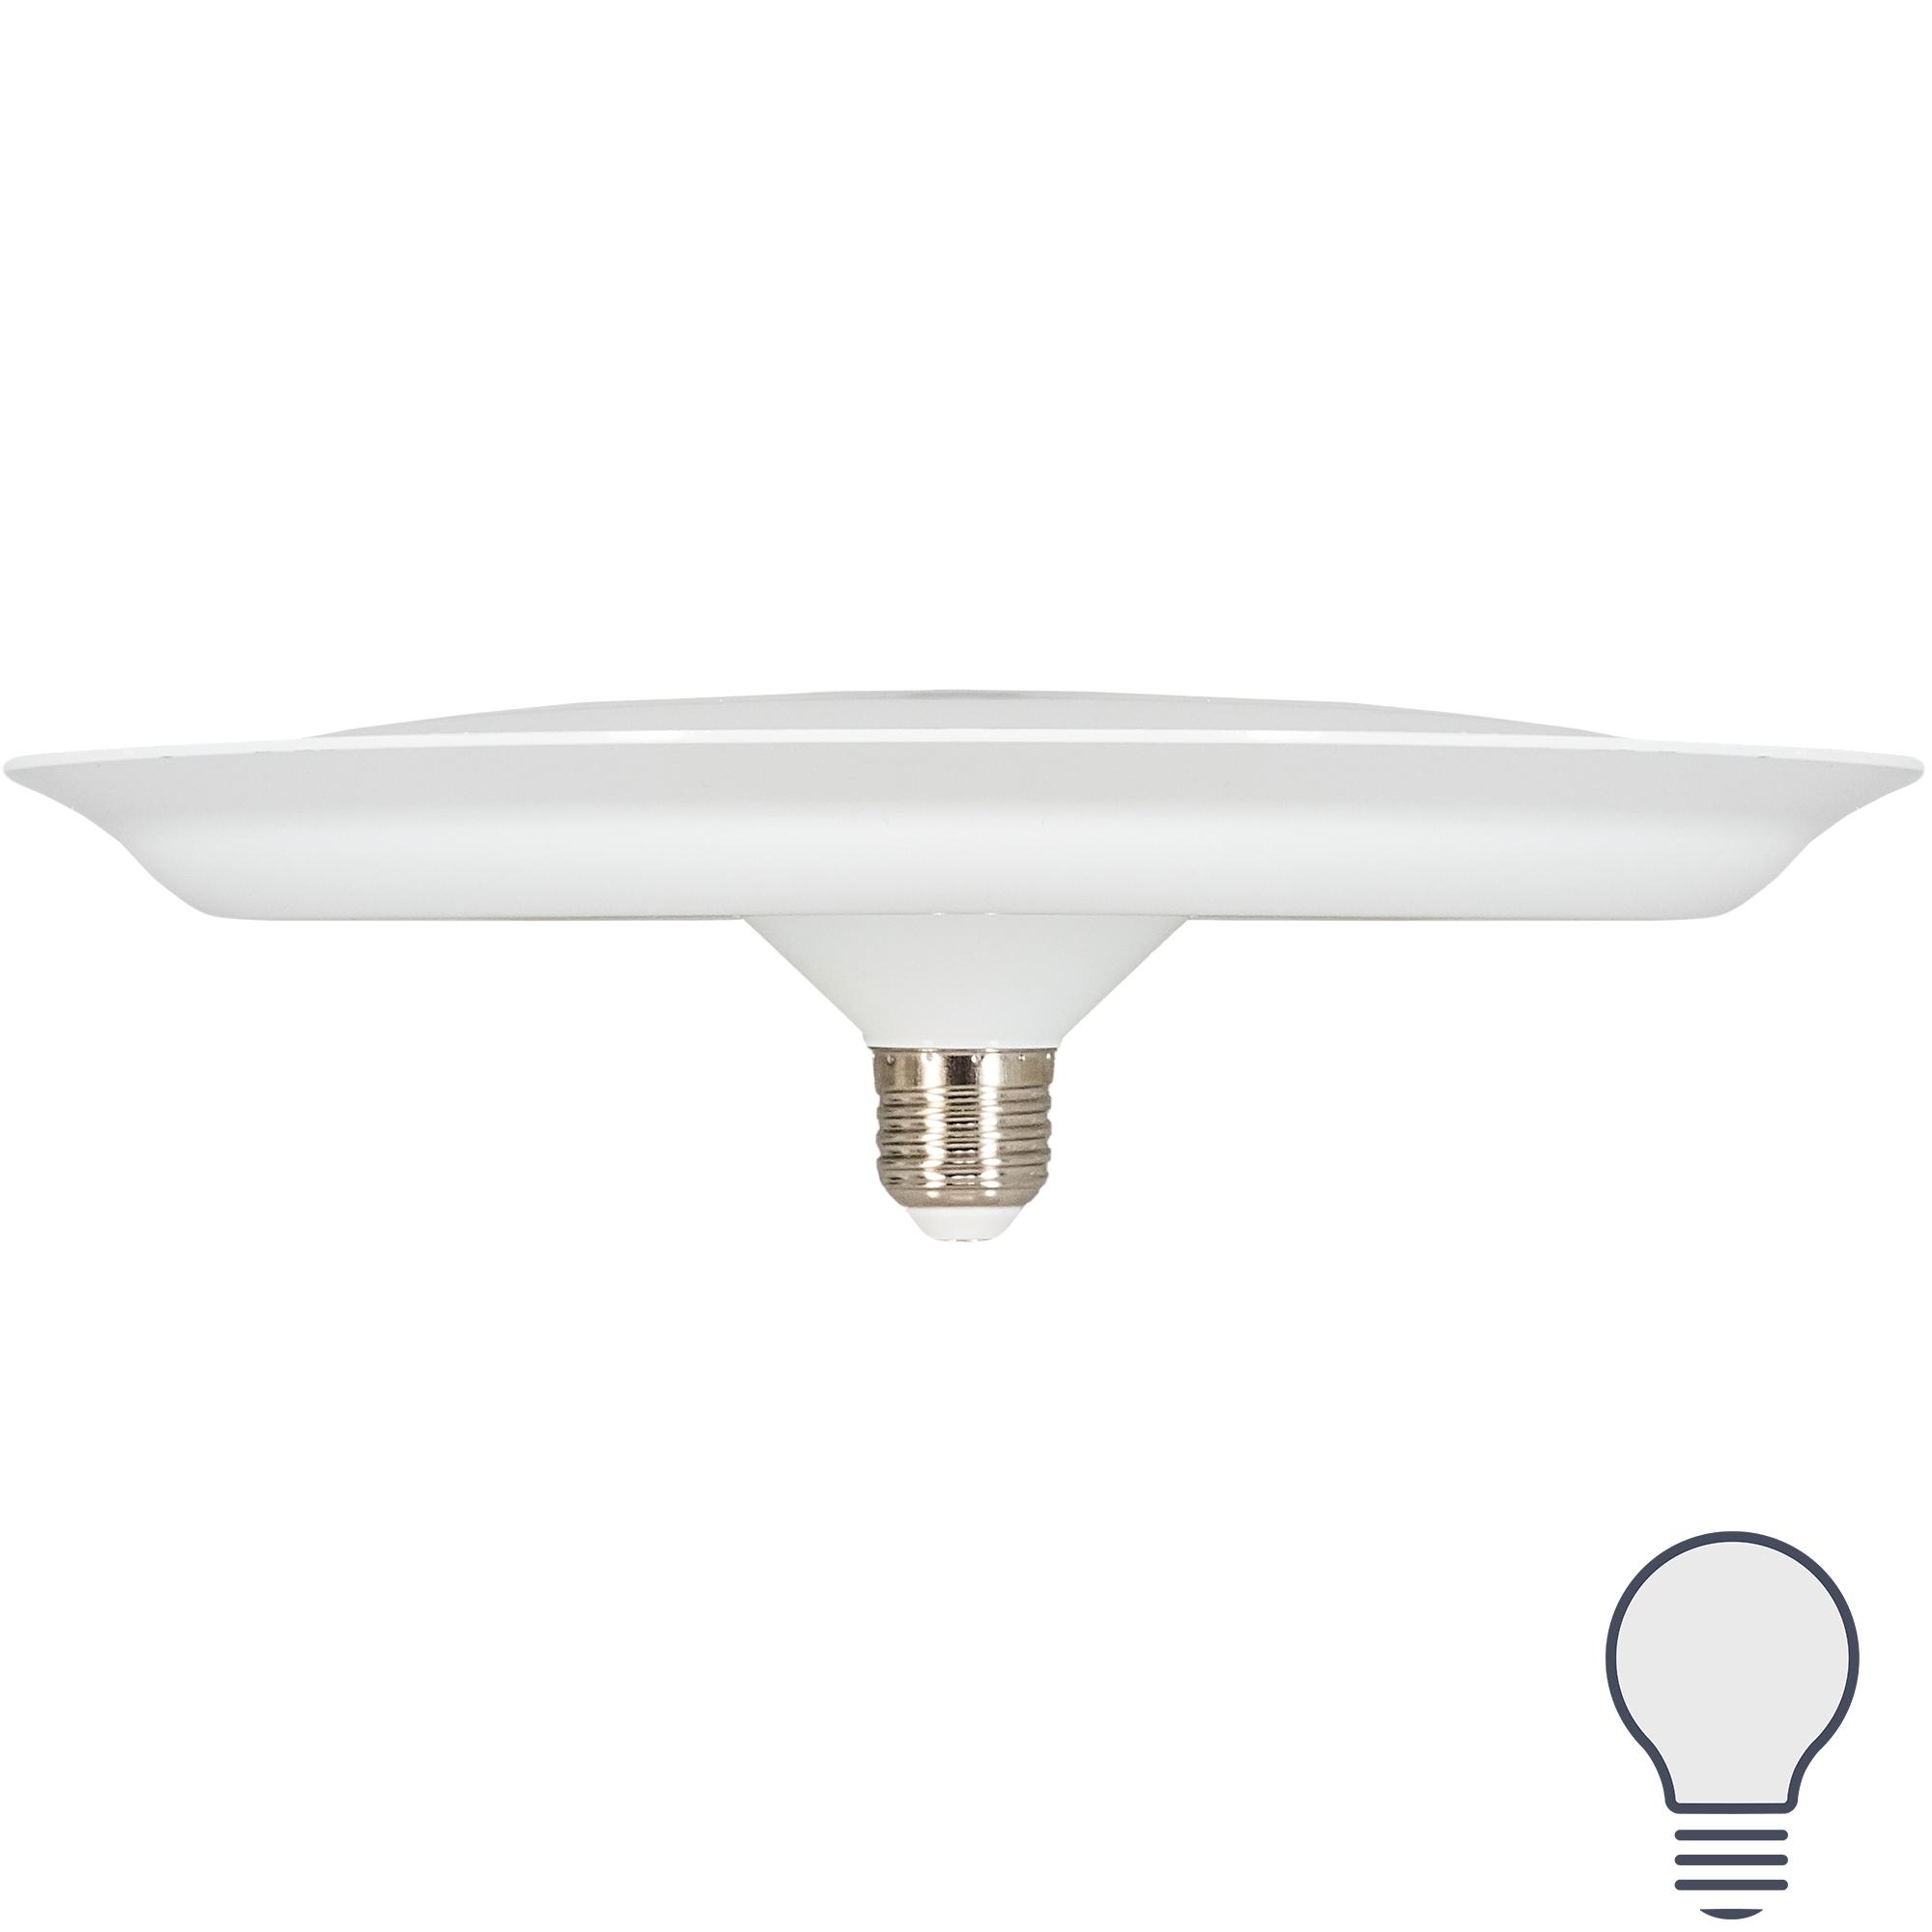 Лампа светодиодная Uniel UFO270 E27 220 В 60 Вт диск матовый 4800 лм холодный белый свет